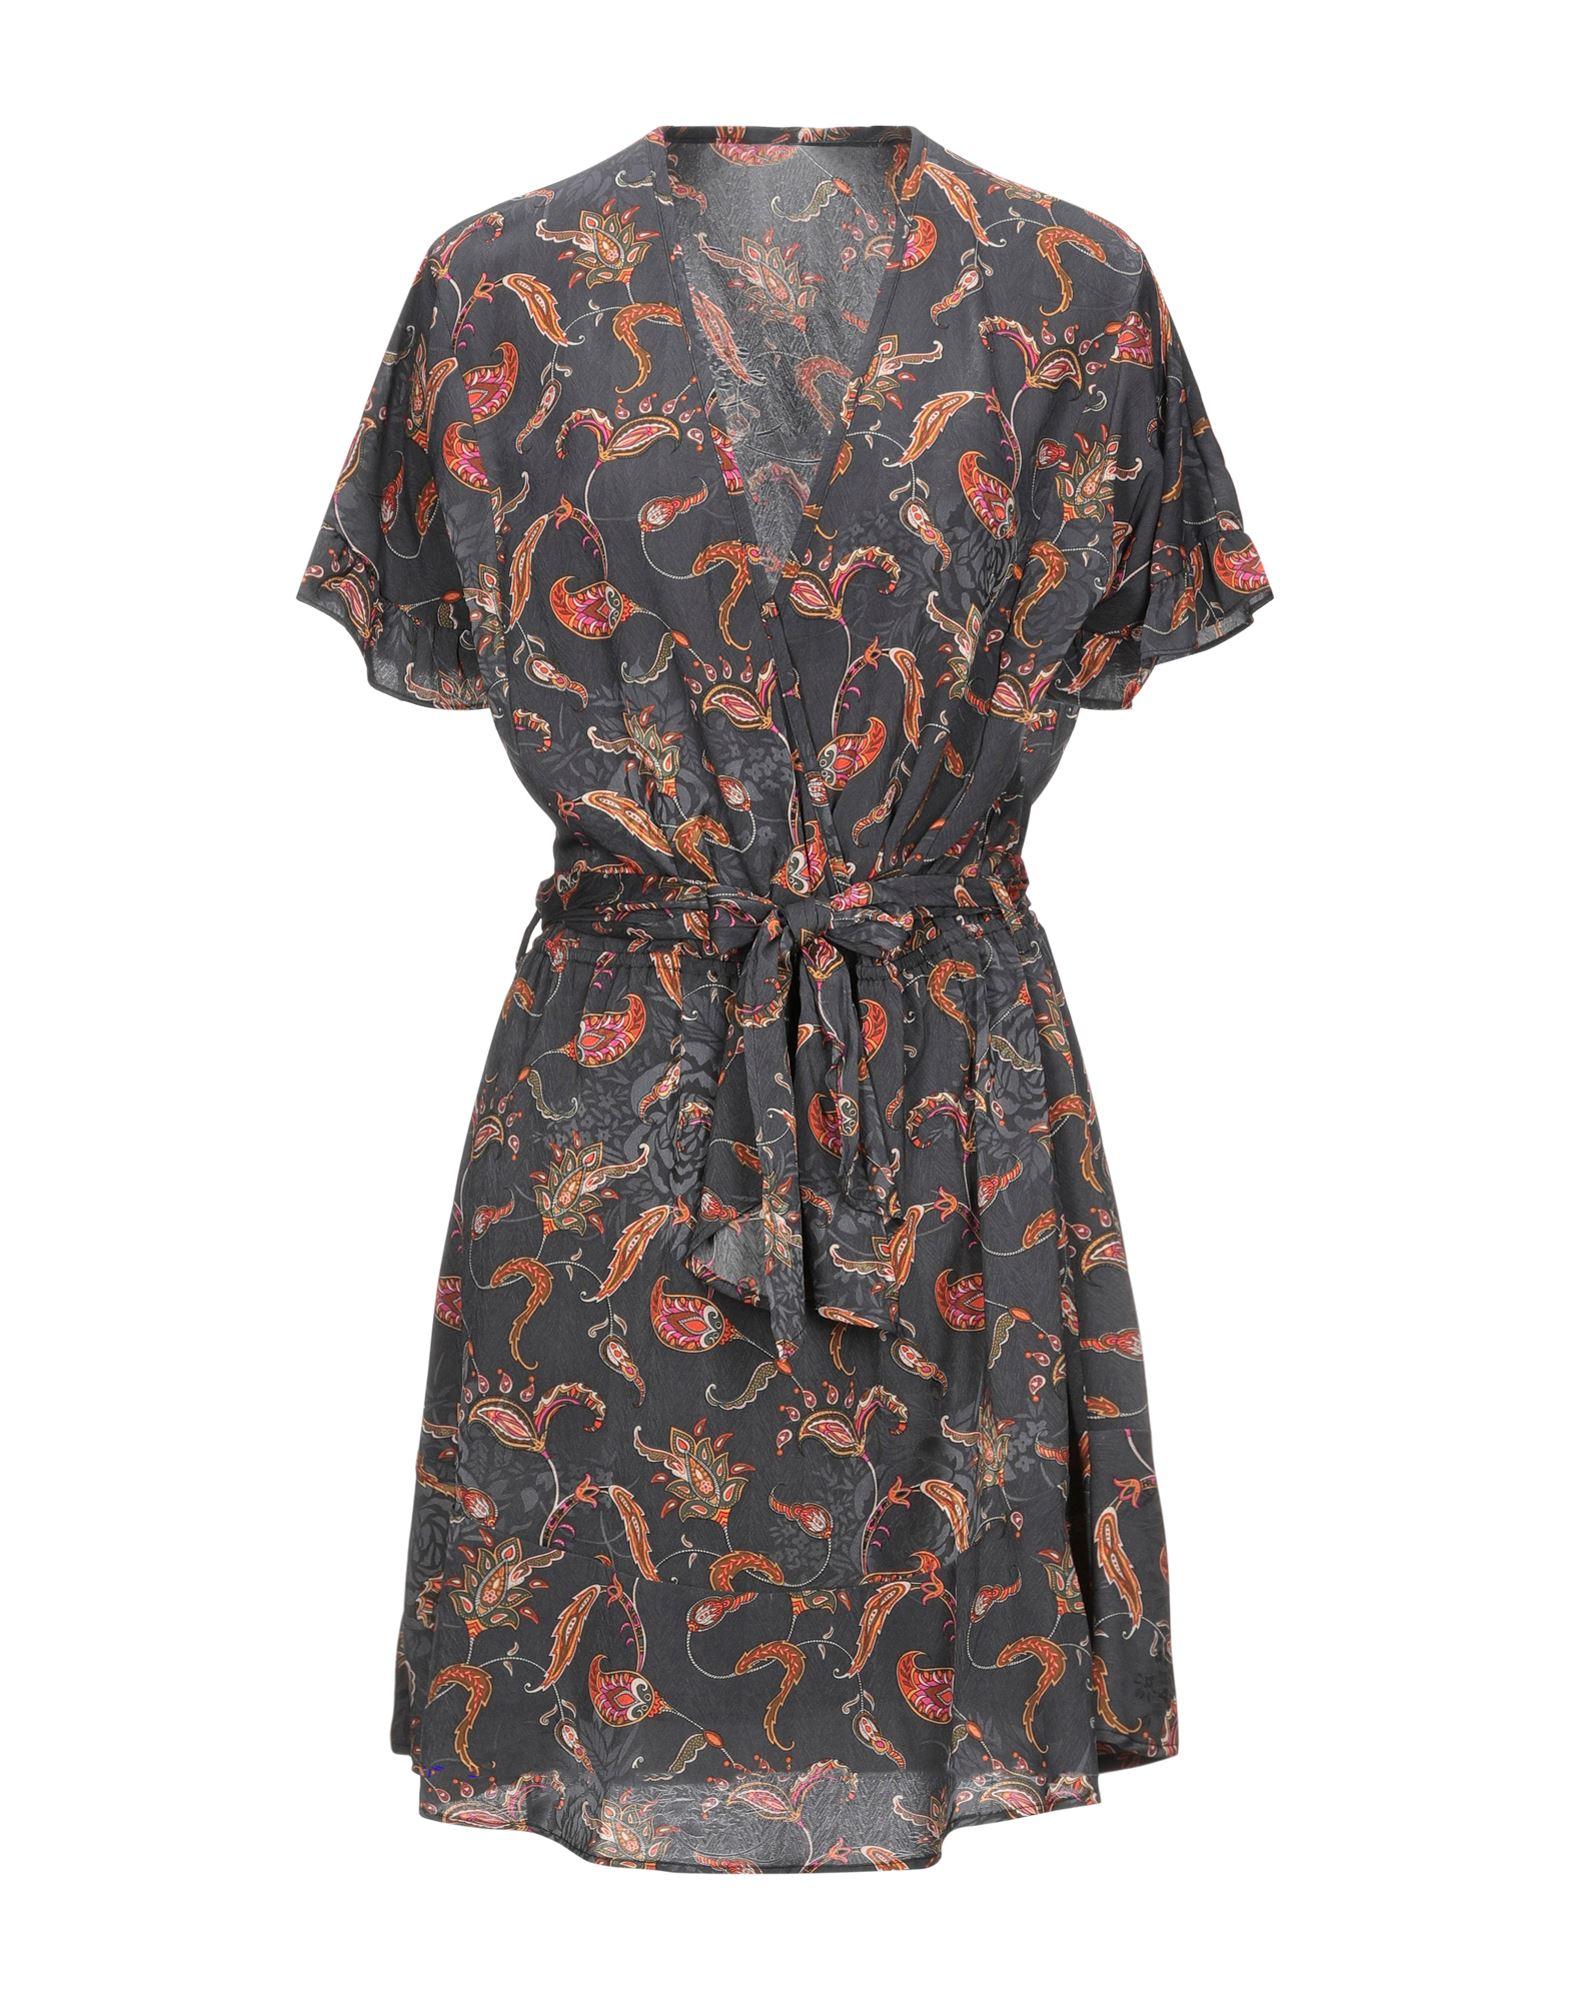 SILVIAN HEACH Короткое платье фото